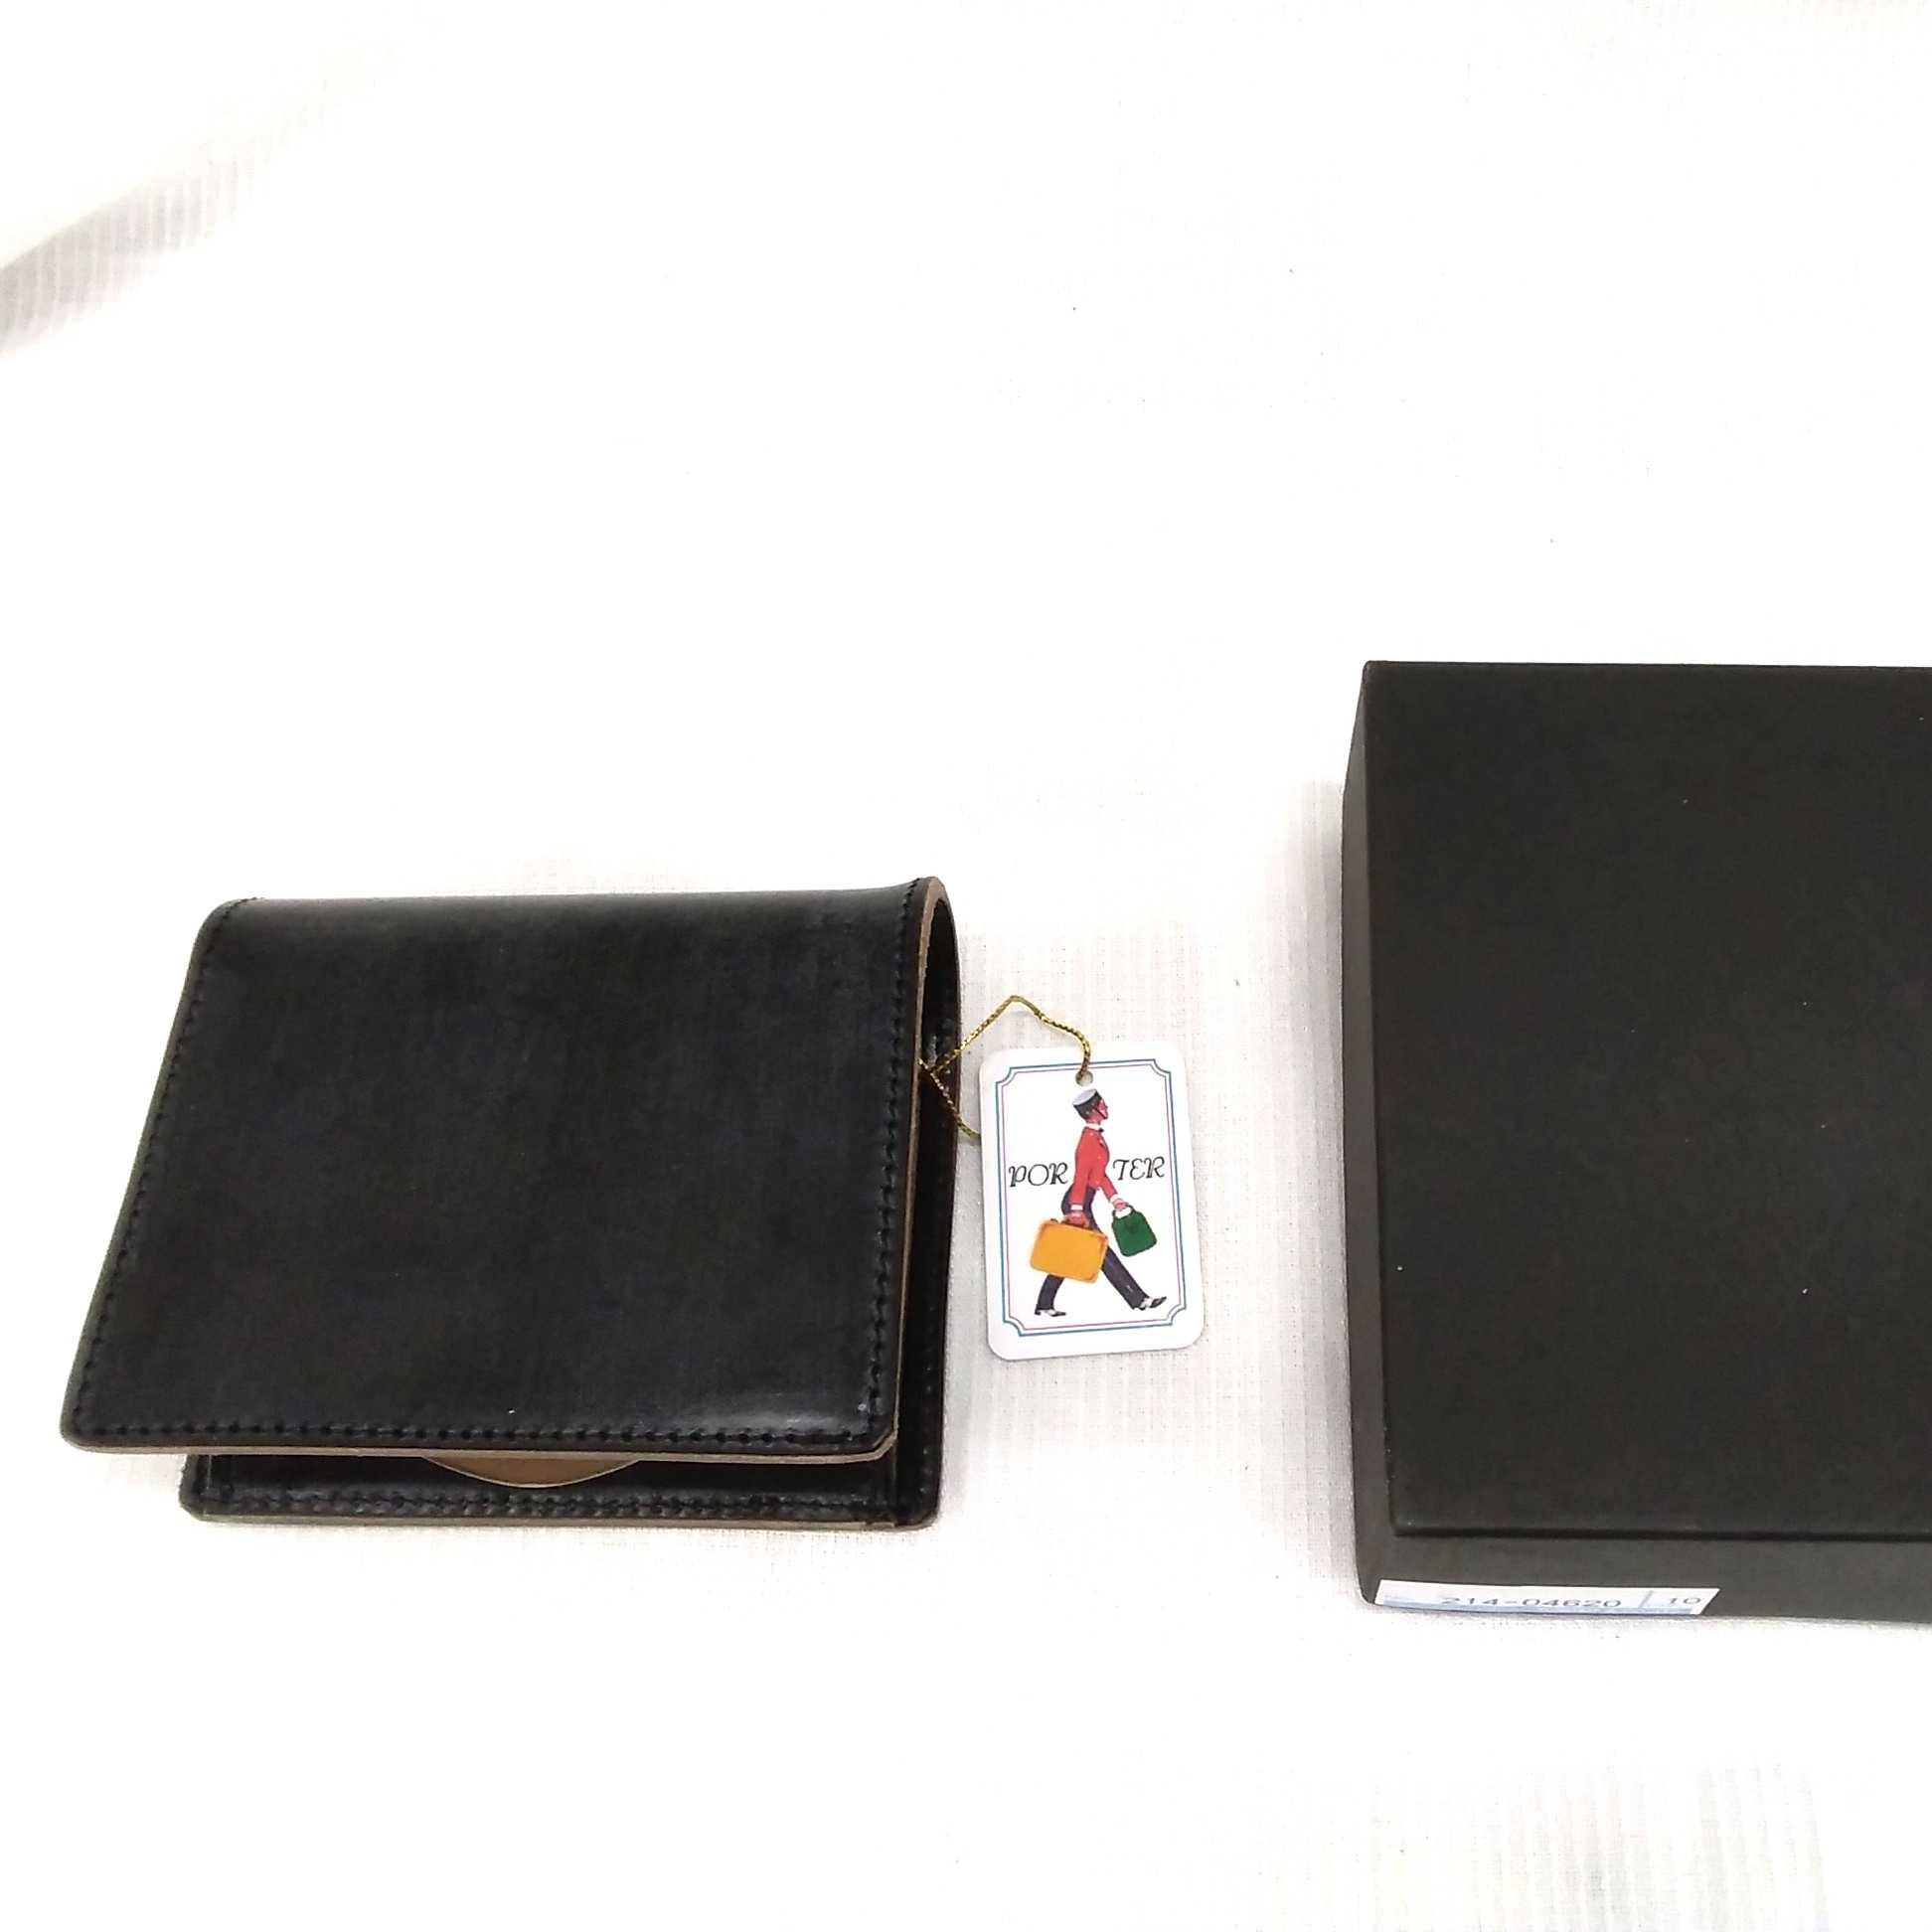 レザー二つ折り財布 PORTER